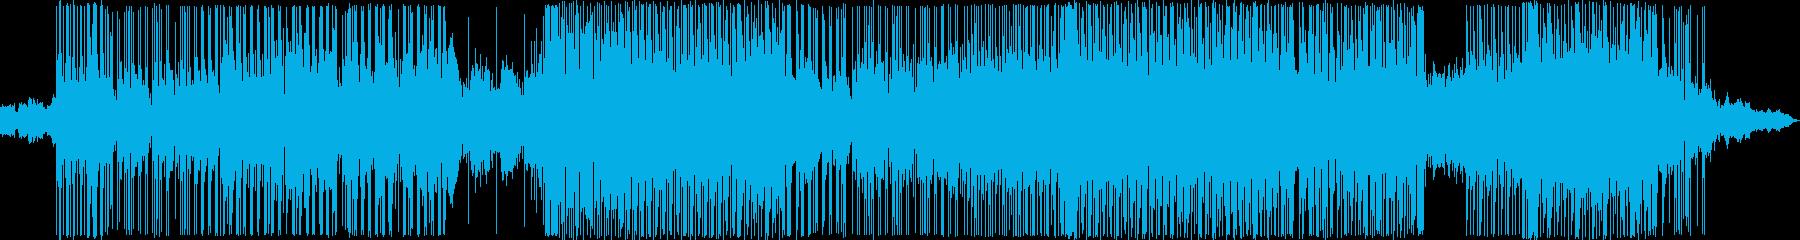 ヒップホップ風のリズムのR&Bバラード6の再生済みの波形